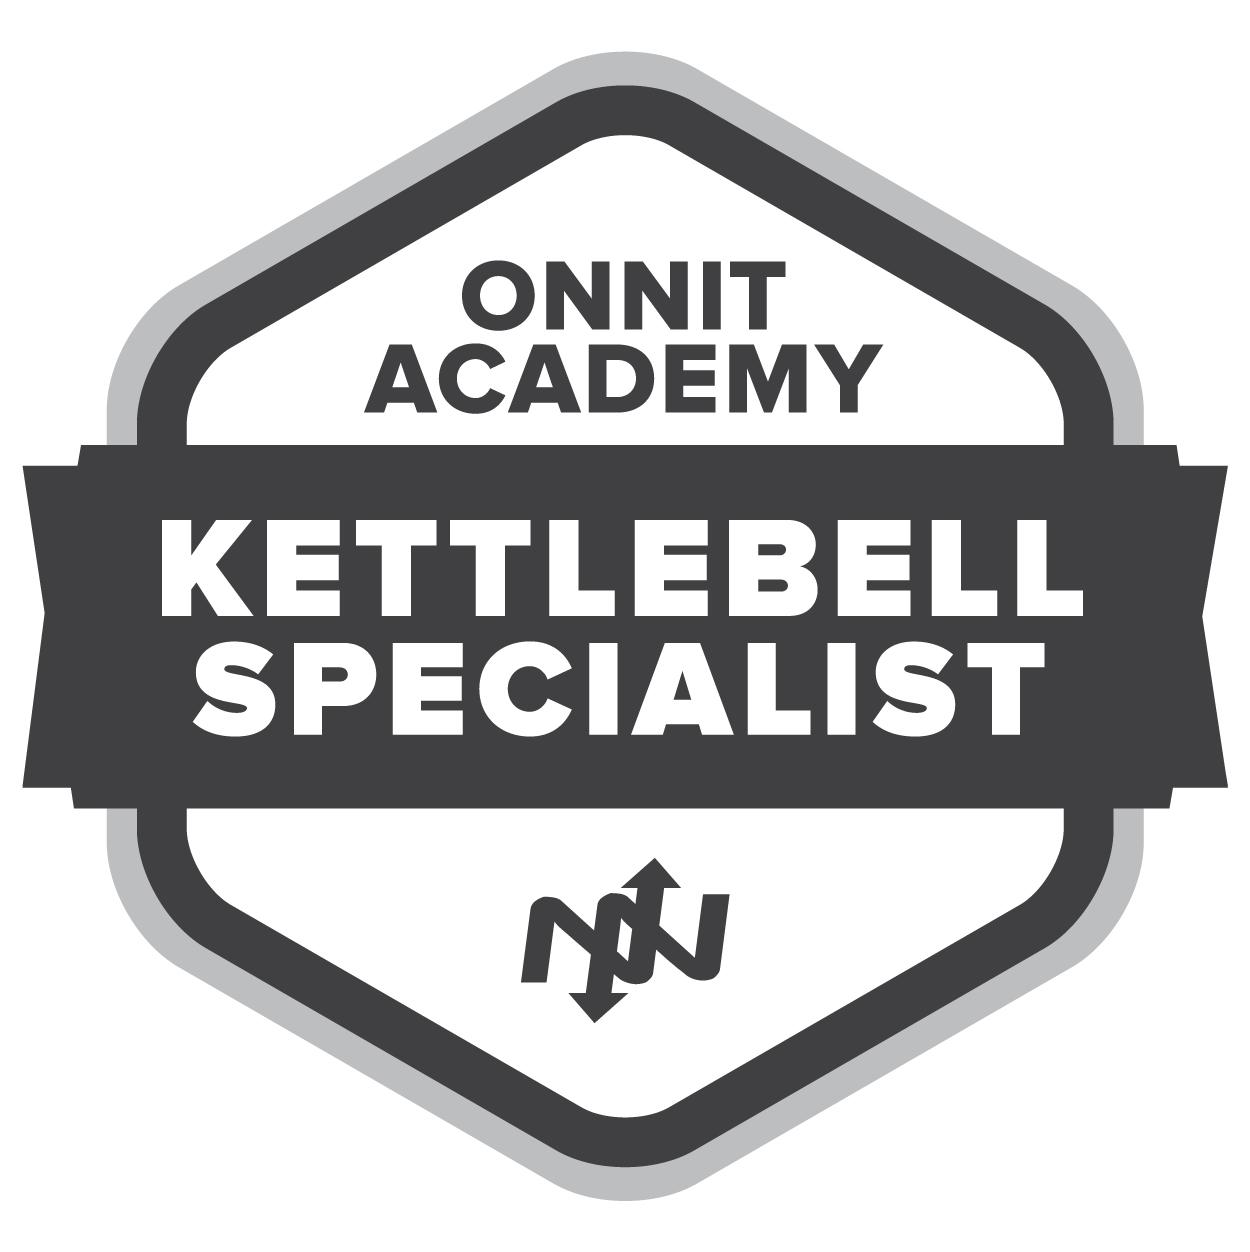 OA-Badge-Kettlebell.jpg